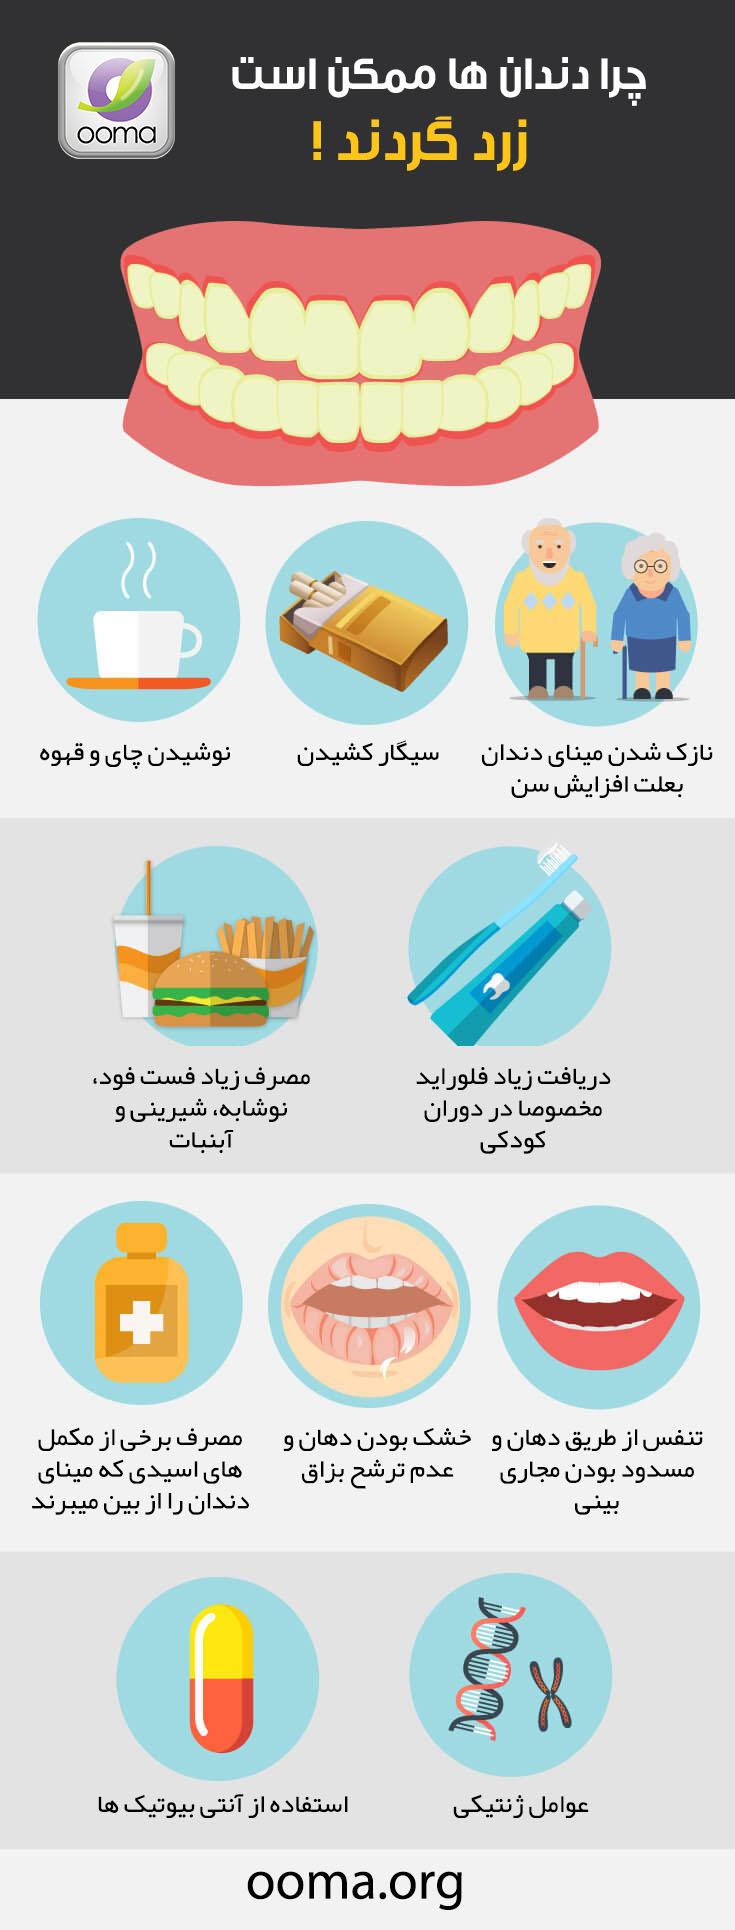 علت زرد شدن دندان ها